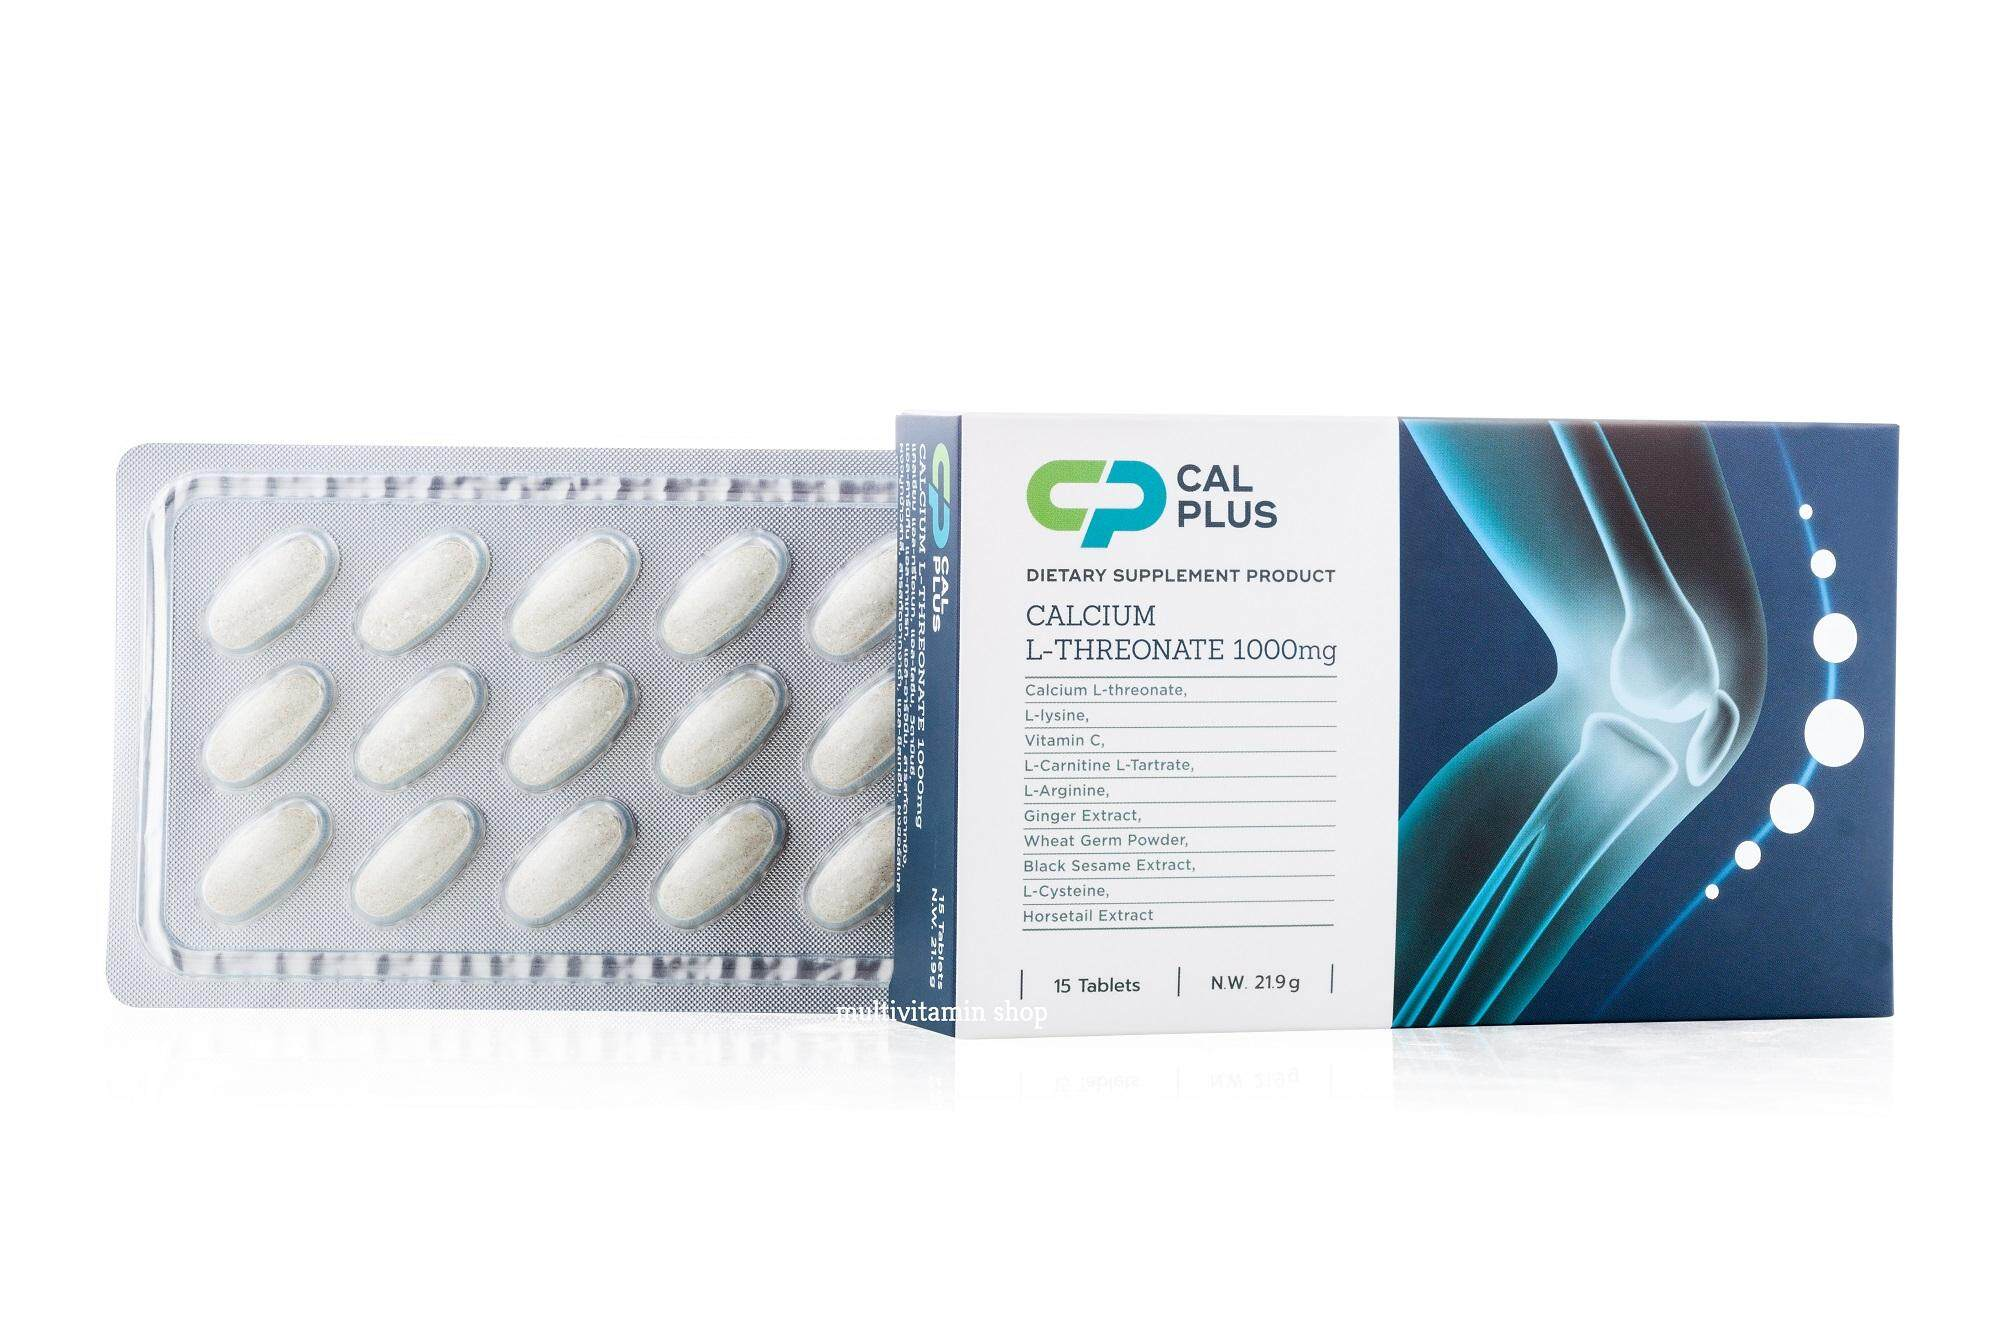 Calplus Cal Plus แคลพลัส อาหารเสริมแคลเซี่ยมบํารุงกระดูก ลดอาการปวดเข่า ปวดหลัง ปวดข้อ ปวดสะโพก โรคข้อเสื่อม โรคกระดูกพรุน เสริมสร้างกระดูกให้แข็งแรง เห็นผลจริง มี อย. ปลอดภัย 15 เม็ด 1 กล่อง No.5.